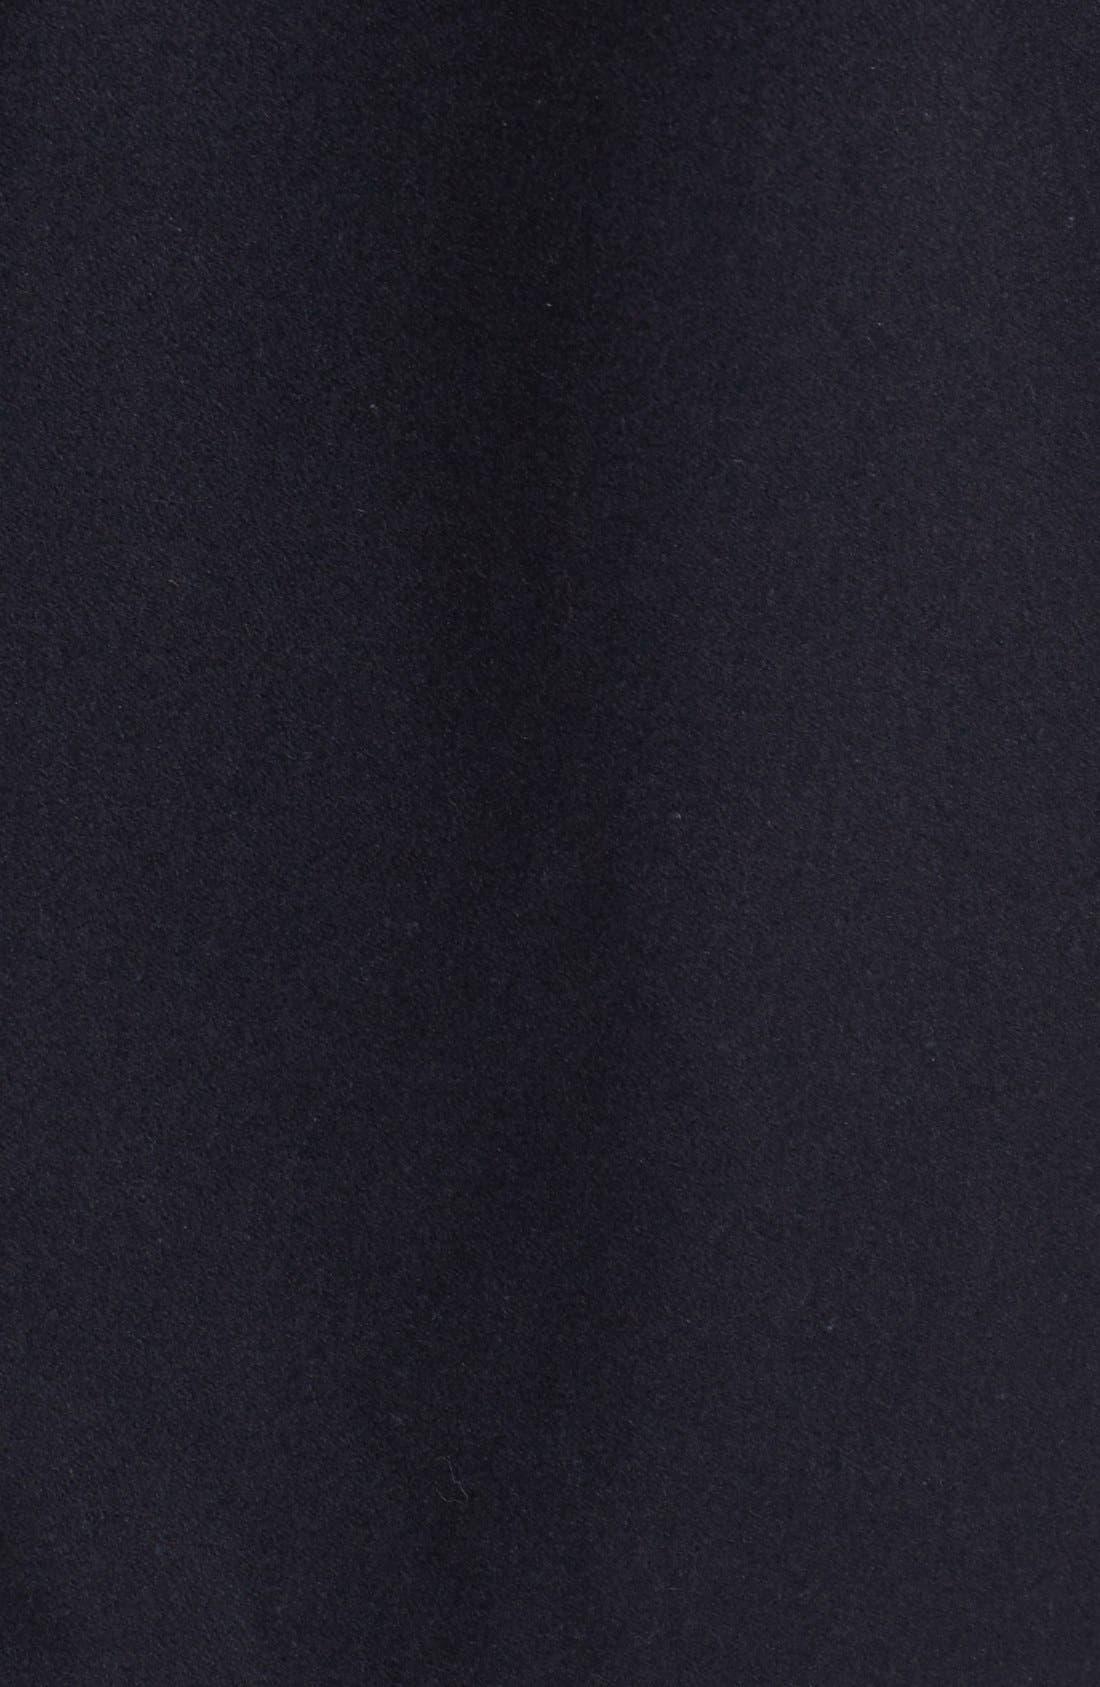 Faux Leather Trim Asymmetrical Jacket,                             Alternate thumbnail 3, color,                             001